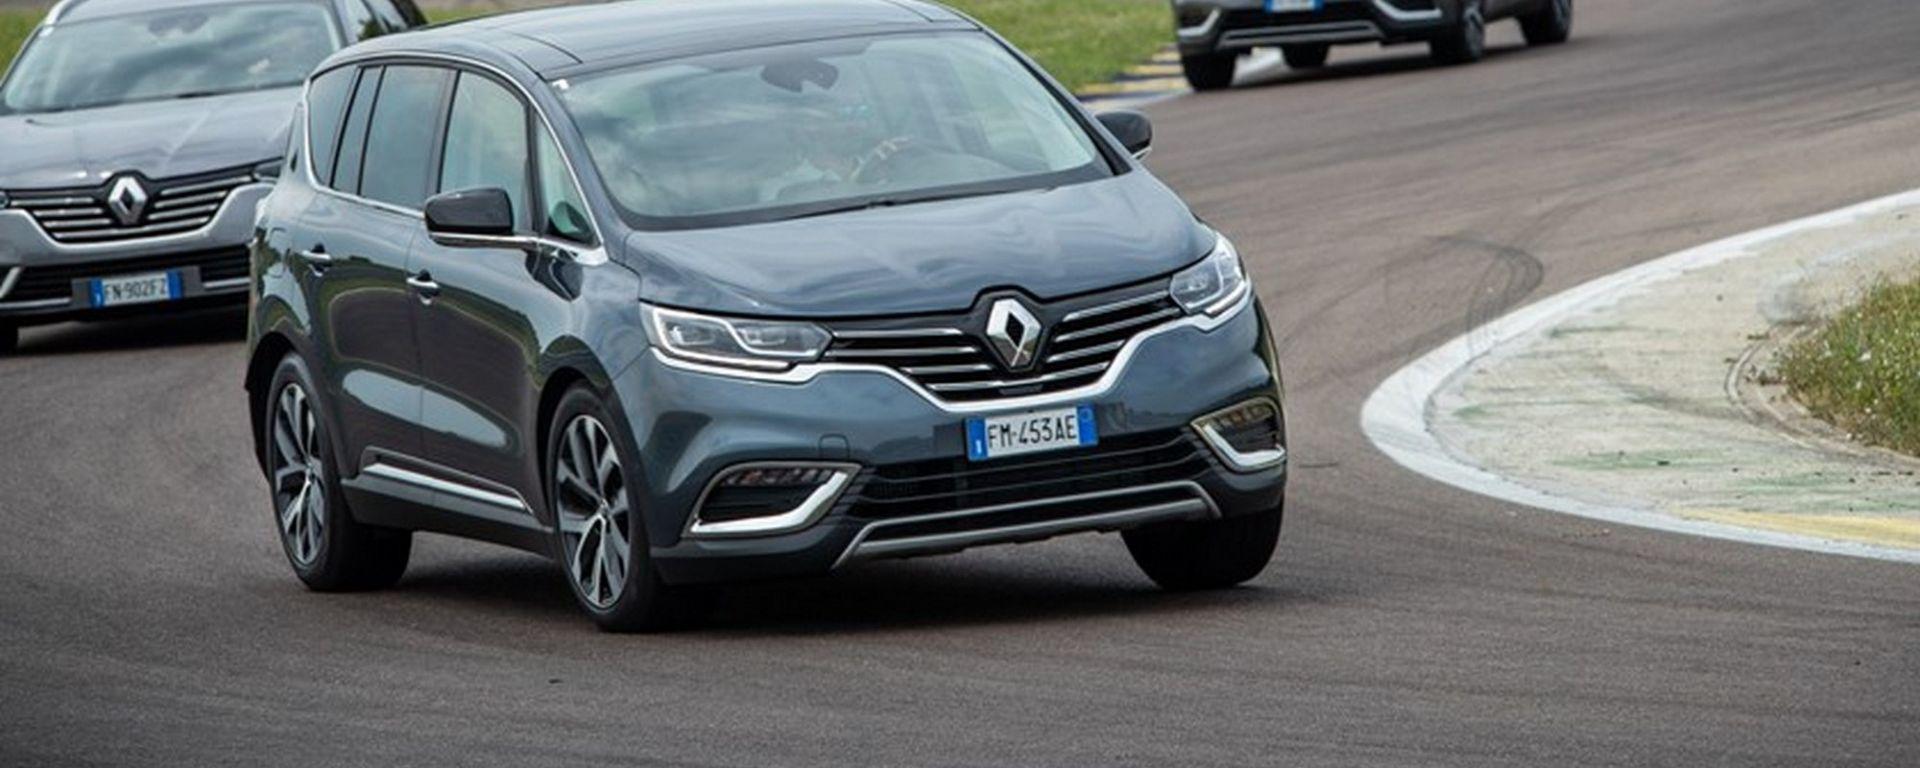 Renault Scénic, campionessa di assistenti di guida